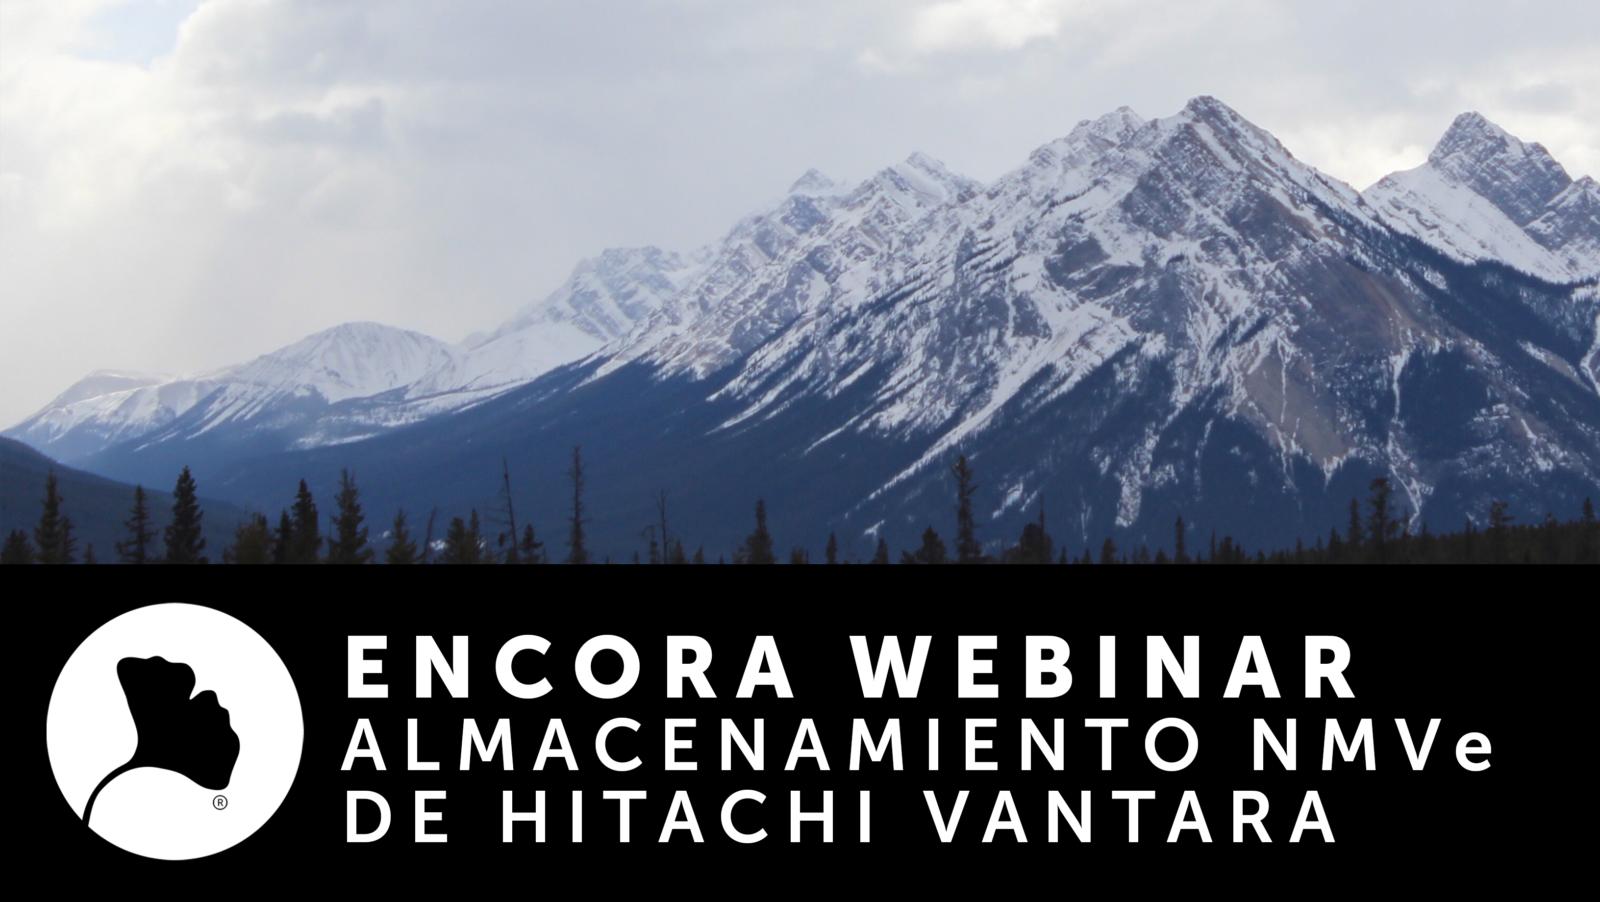 Encora Webinar Hitachi Vantara